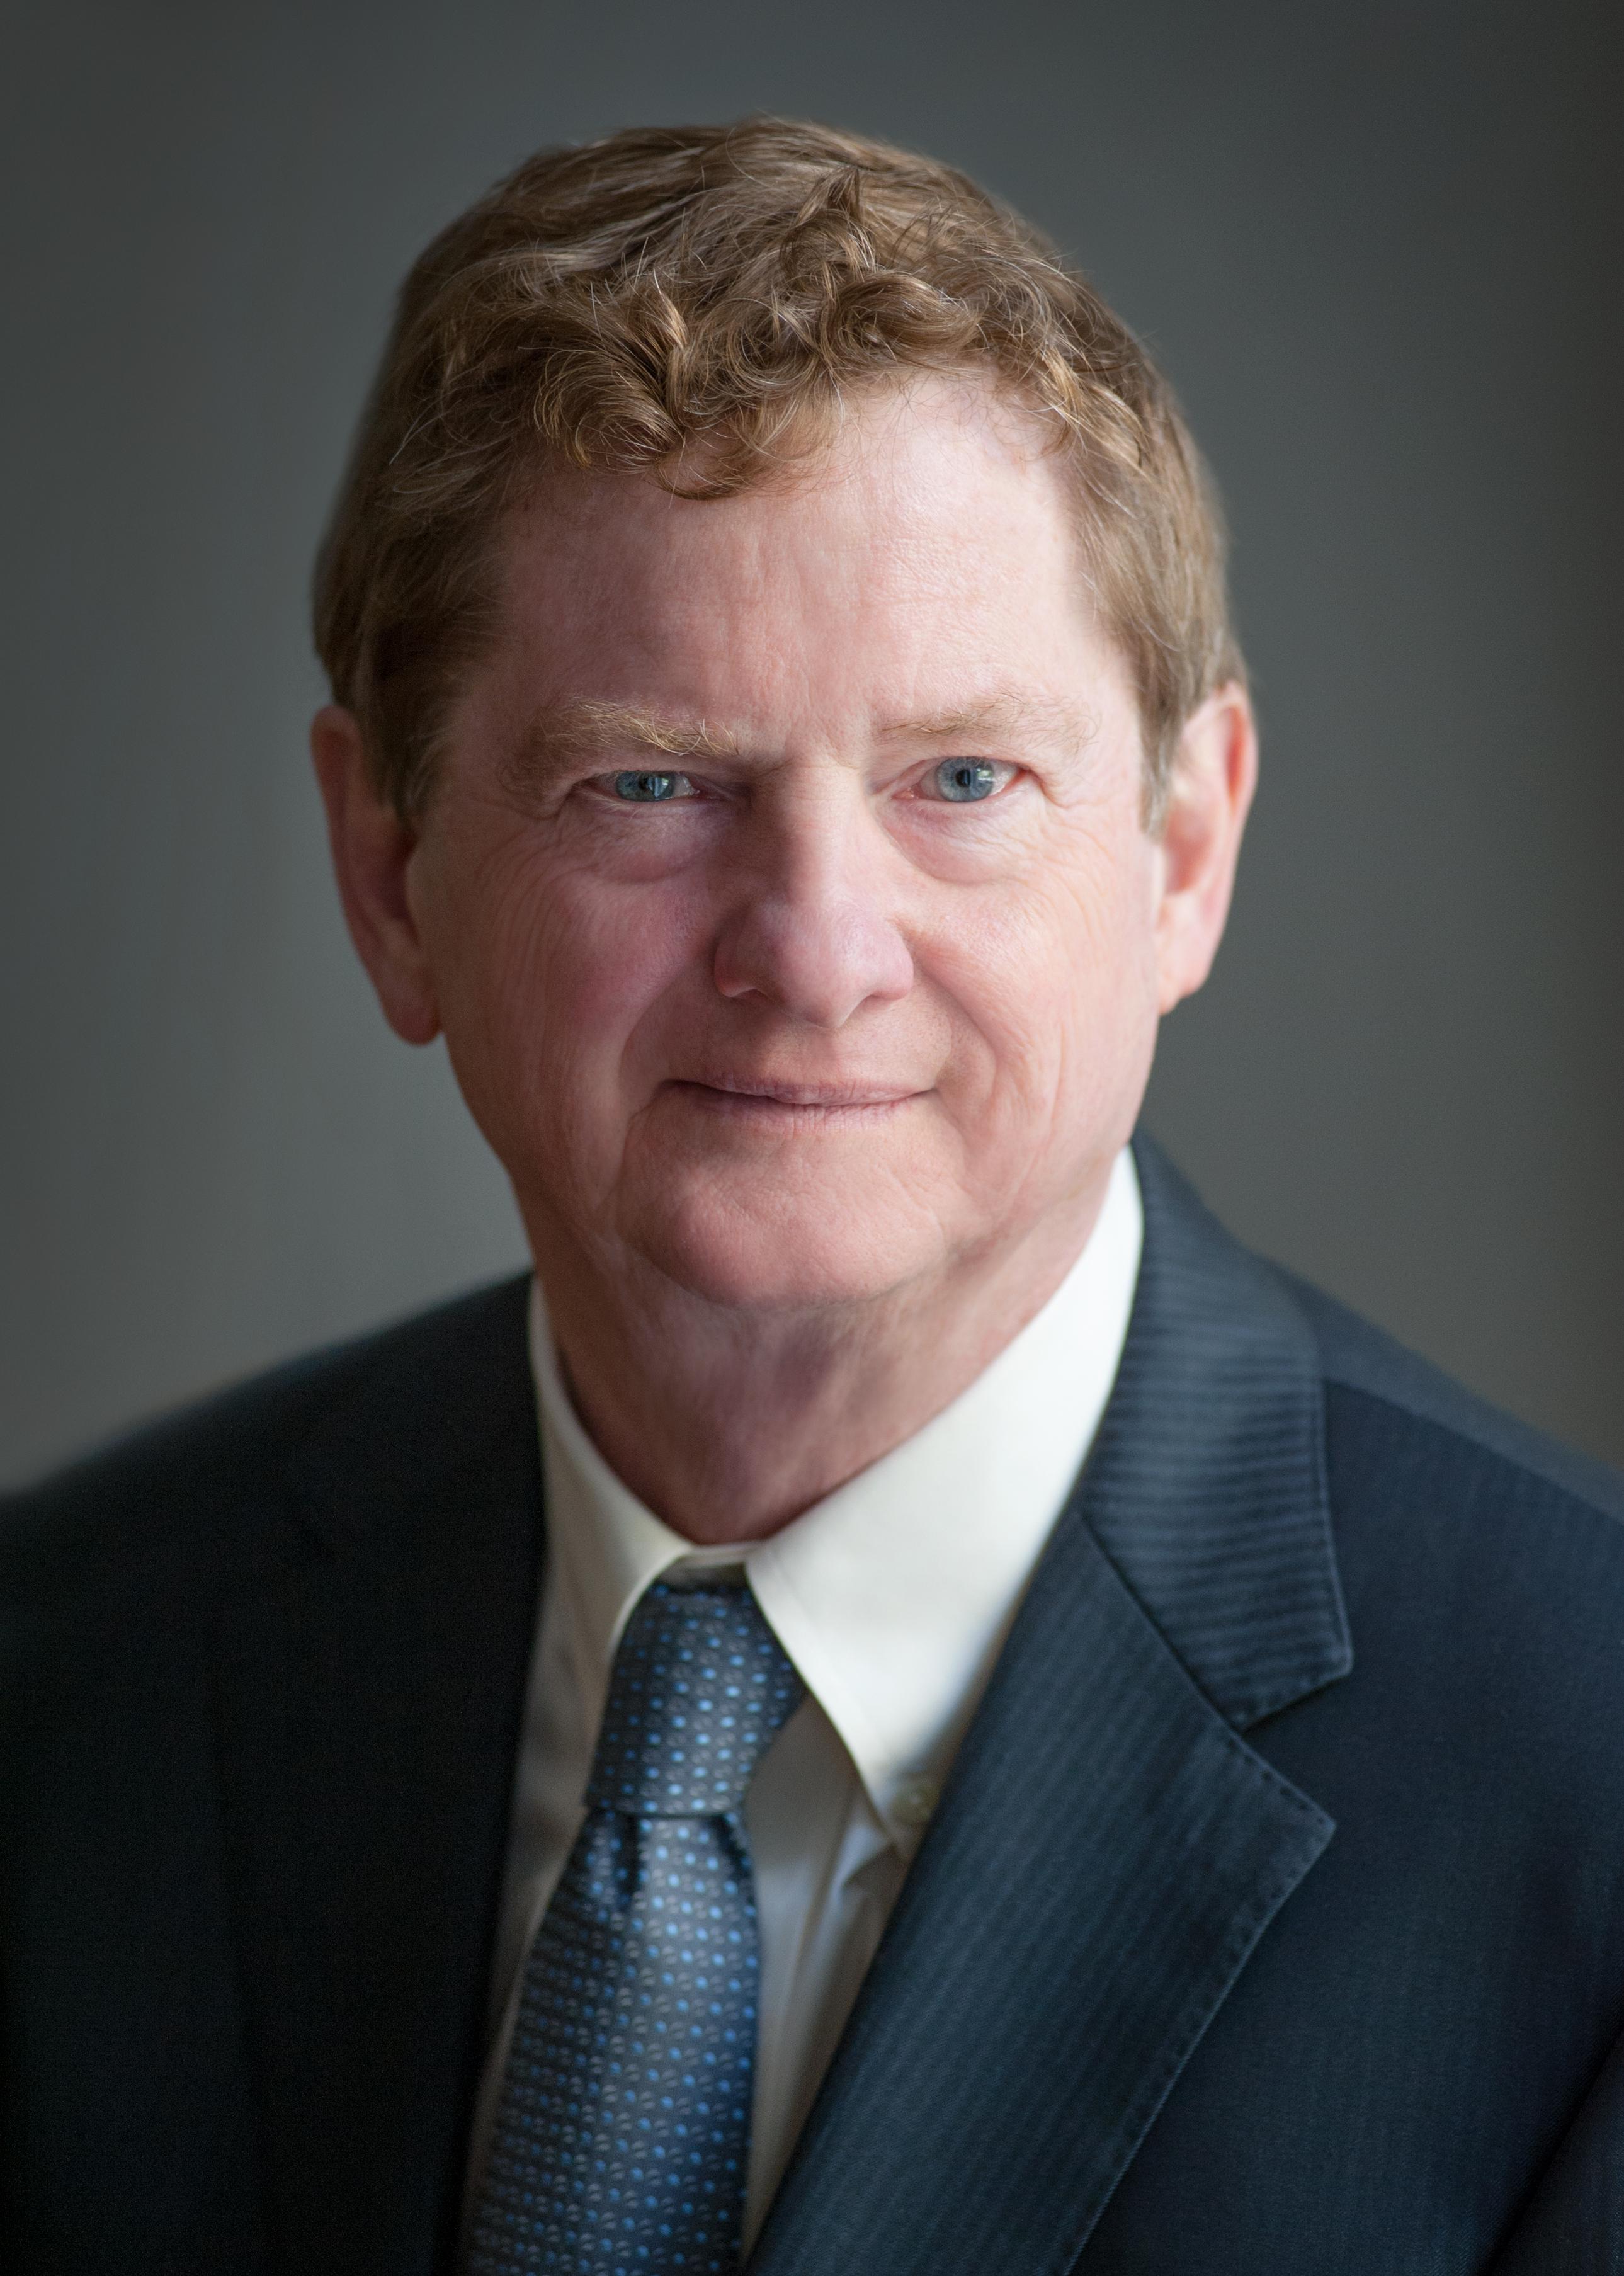 John J. Kirton